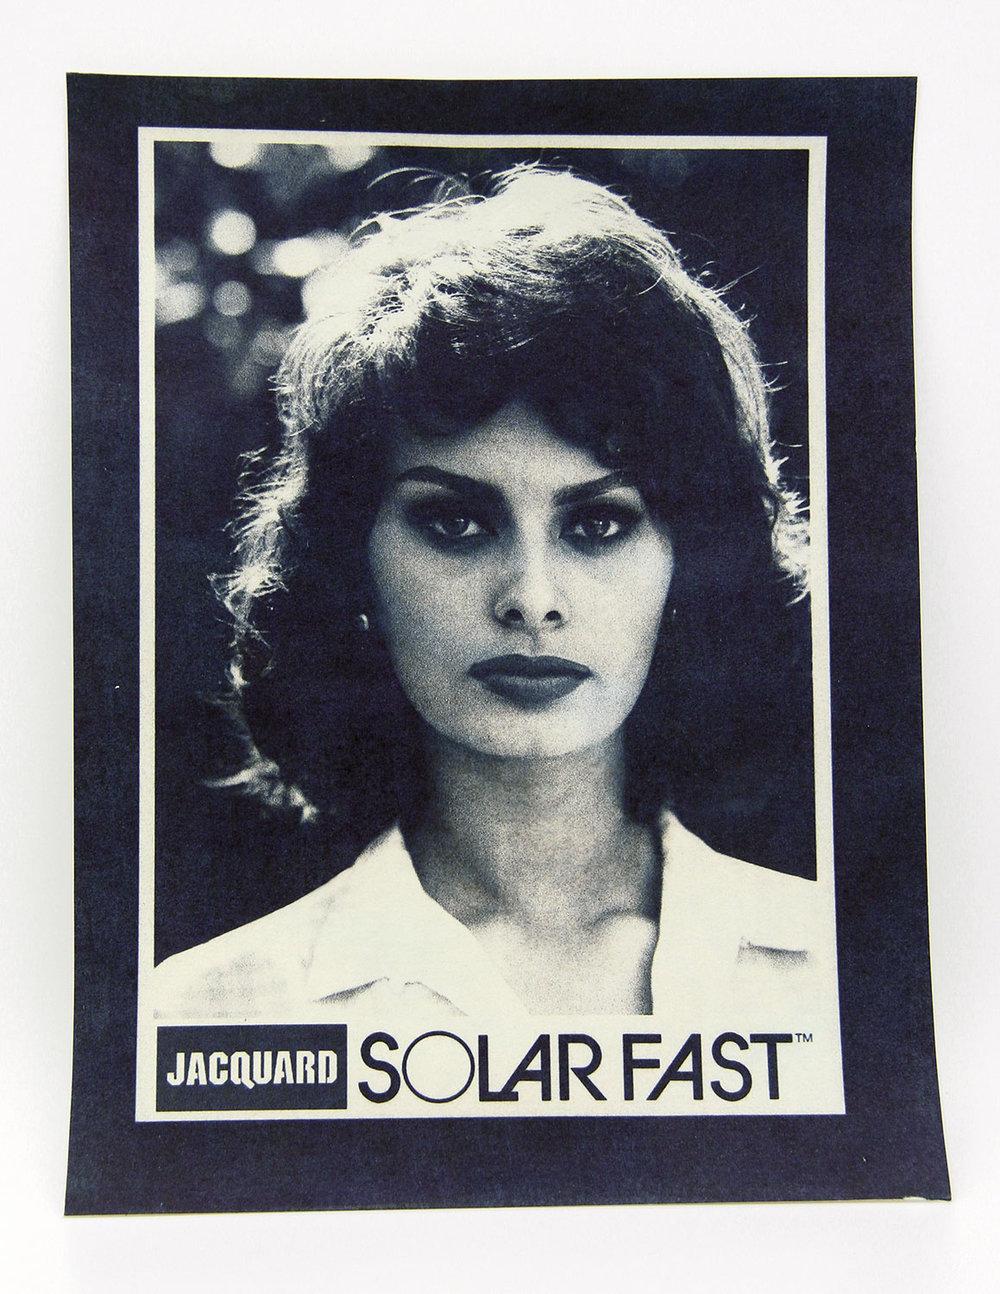 SolarFast-paper-print-5.jpg